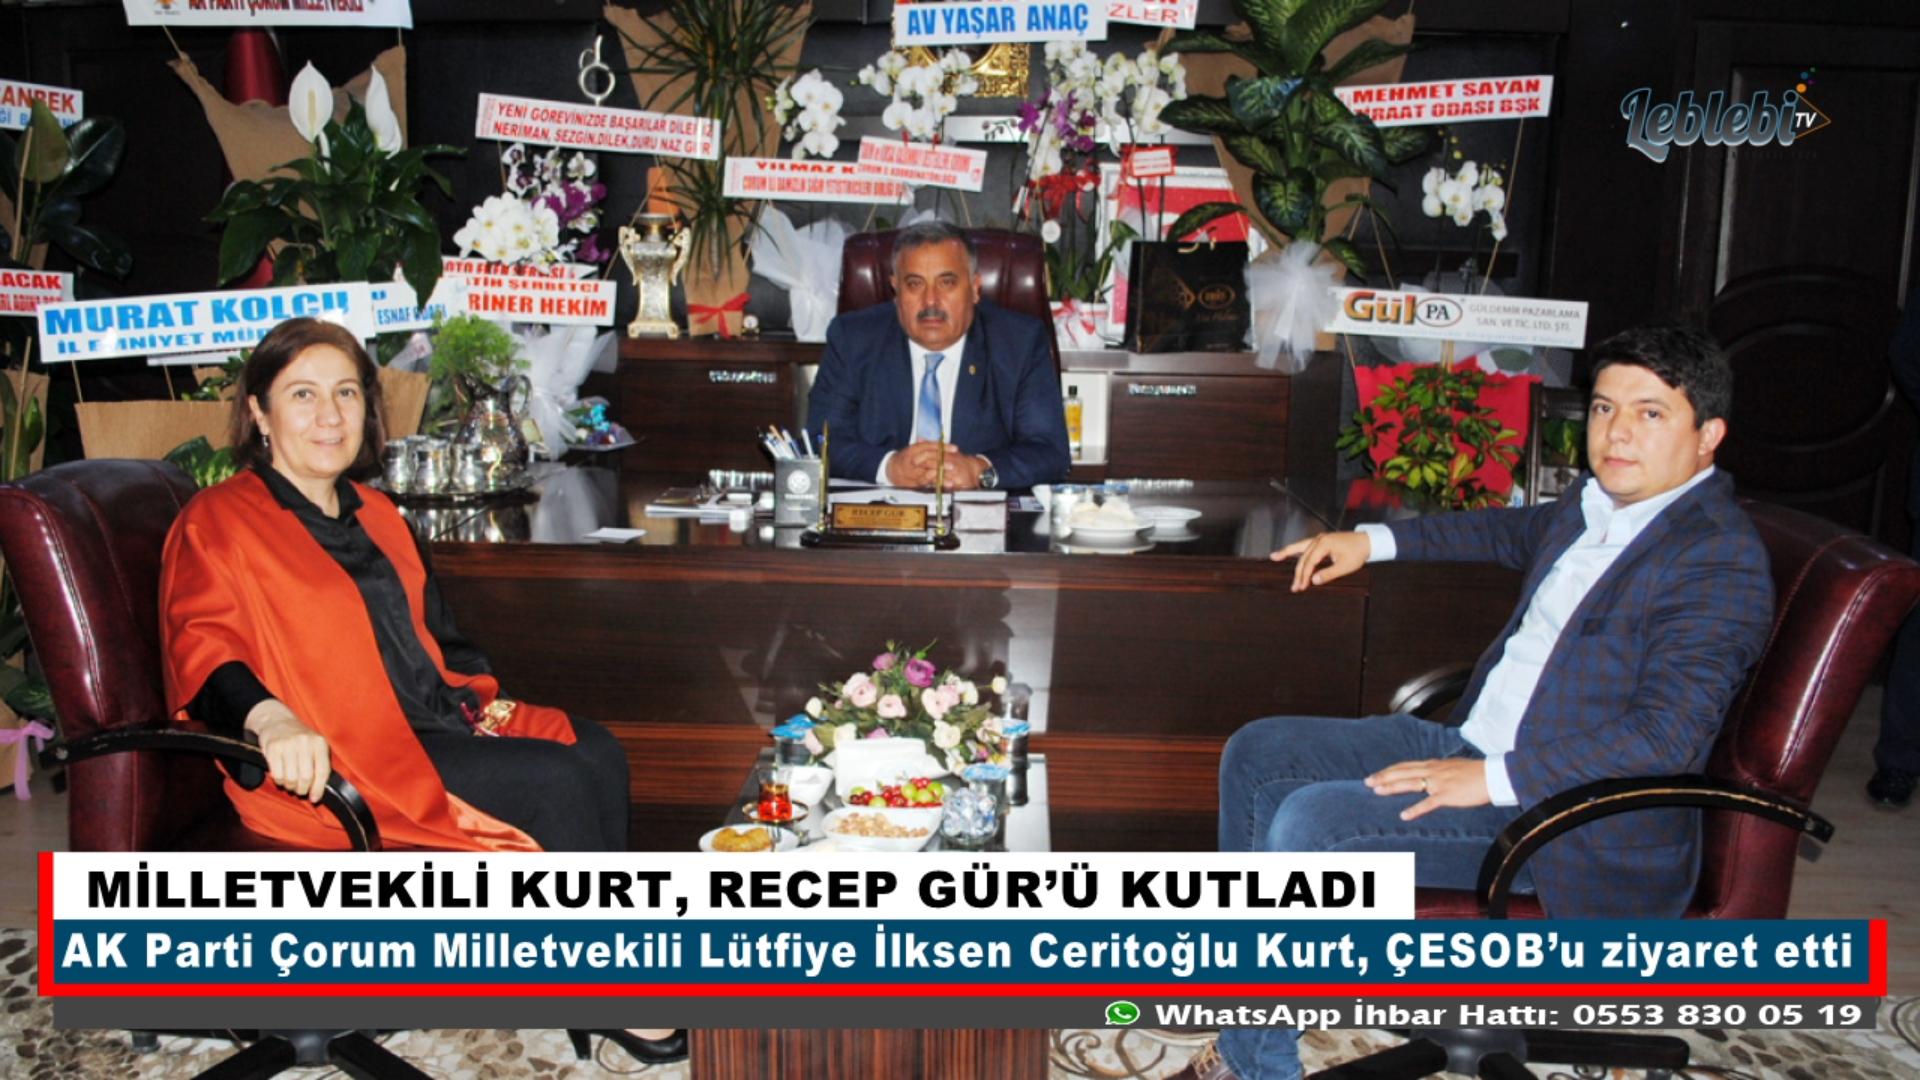 MİLLETVEKİLİ KURT, RECEP GÜR'Ü KUTLADI